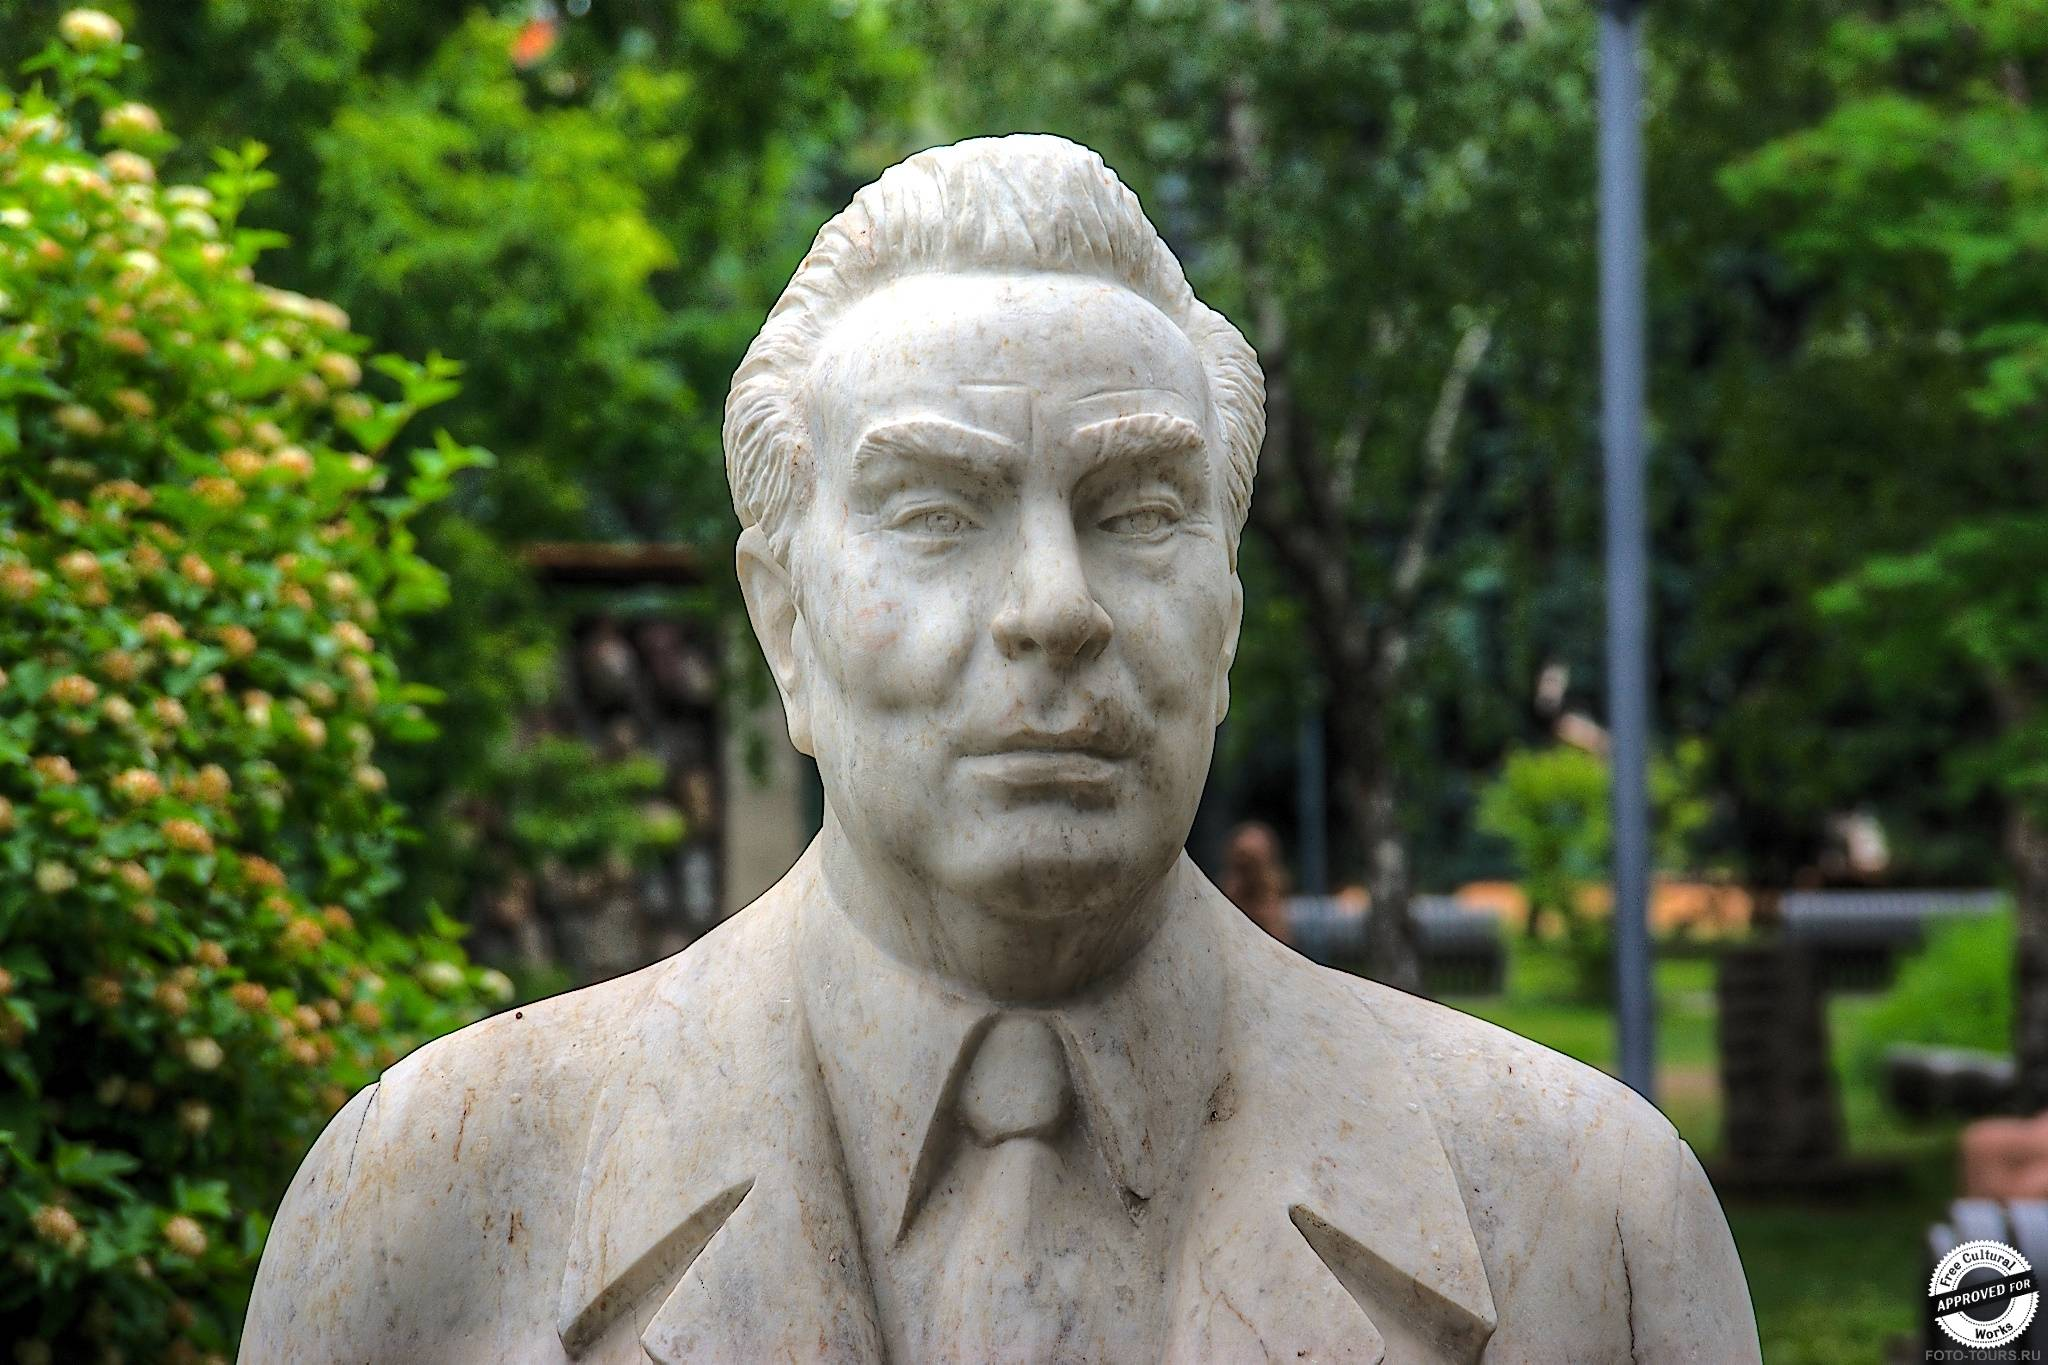 Брежнев Л.И., Музеон, Парки москвы.